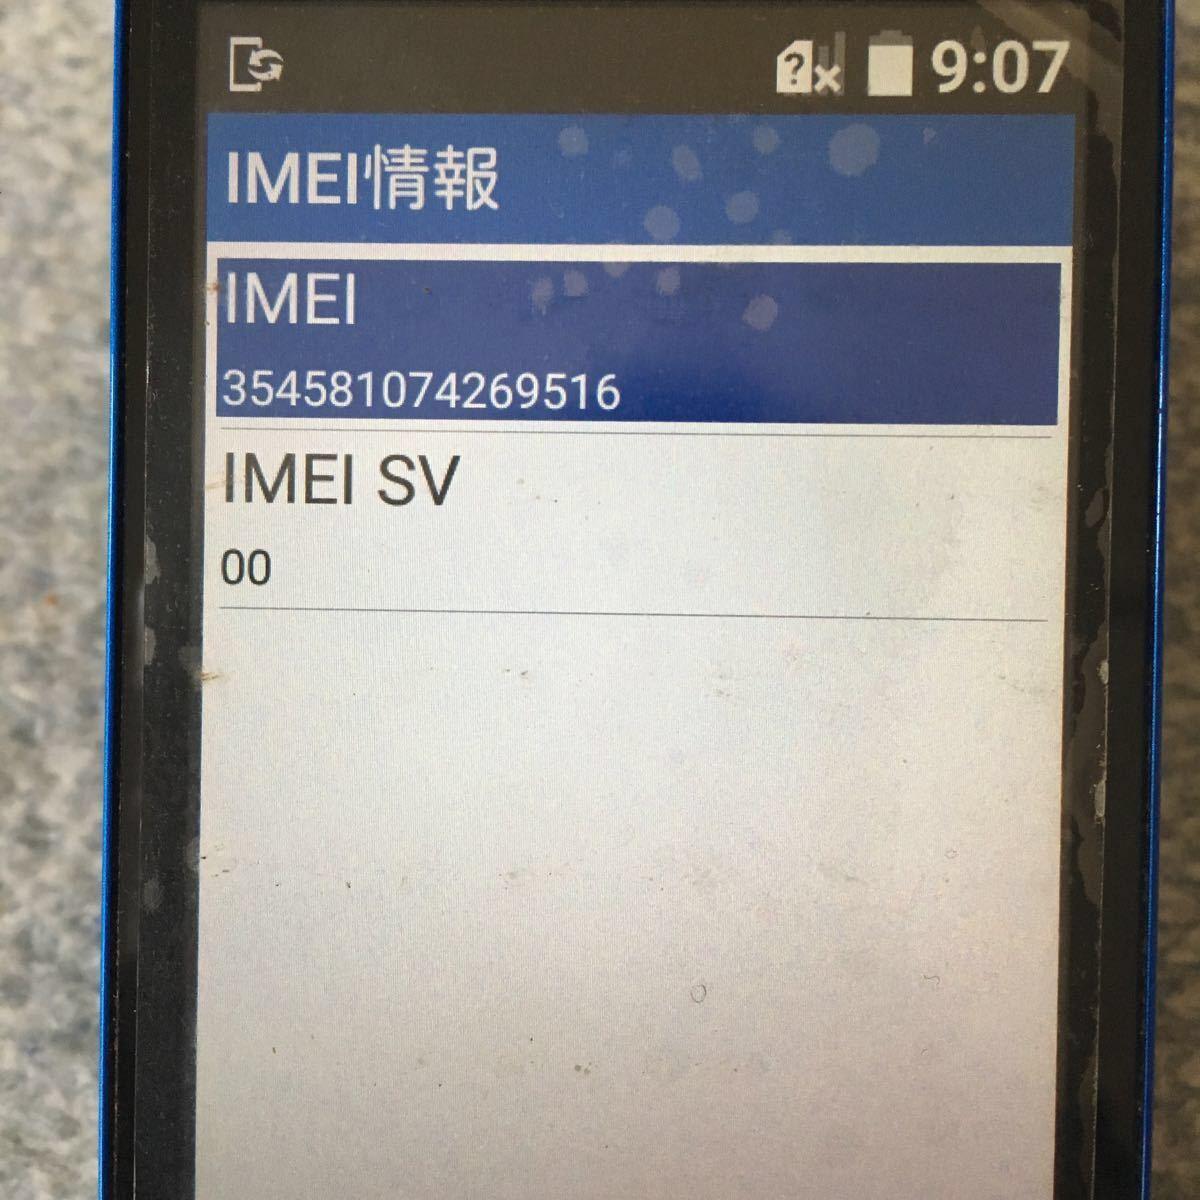 YmobileワイモバイルDIGNOケータイNP502KC本体白ロム京セラKYOCERAブルー青ネットワーク利用制限○おまけ新品ケータイフィルム付きY!mobile_画像6